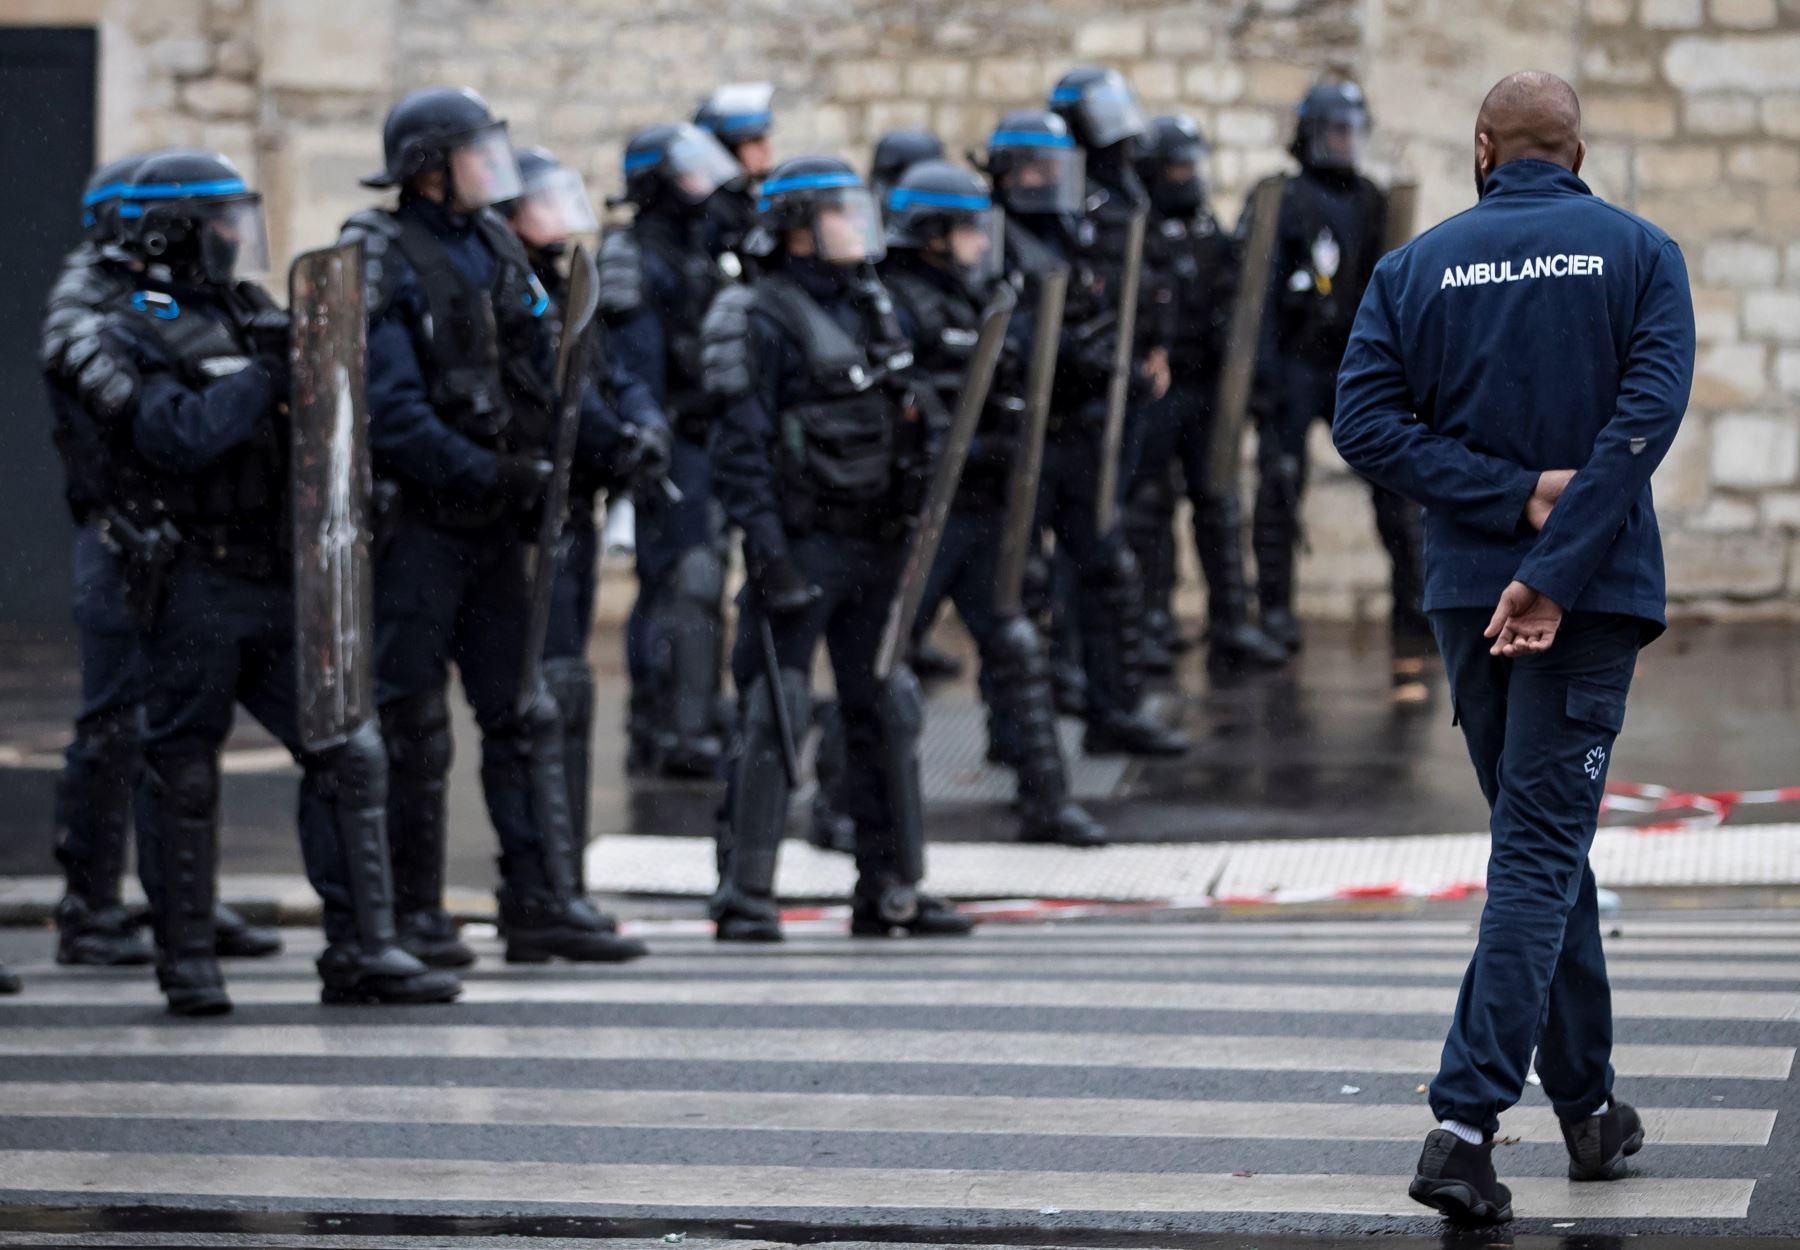 Un conductor de ambulancias camina ante un grupo de policías antidisturbios durante una protesta ante la Asamblea Nacional, en ParÌs, Francia. Los manifestantes bloquearon el tráfico junto a la Asamblea Nacional para exigir la suspensión de una reforma del sistema de financiación de los transportes sanitarios. EFE